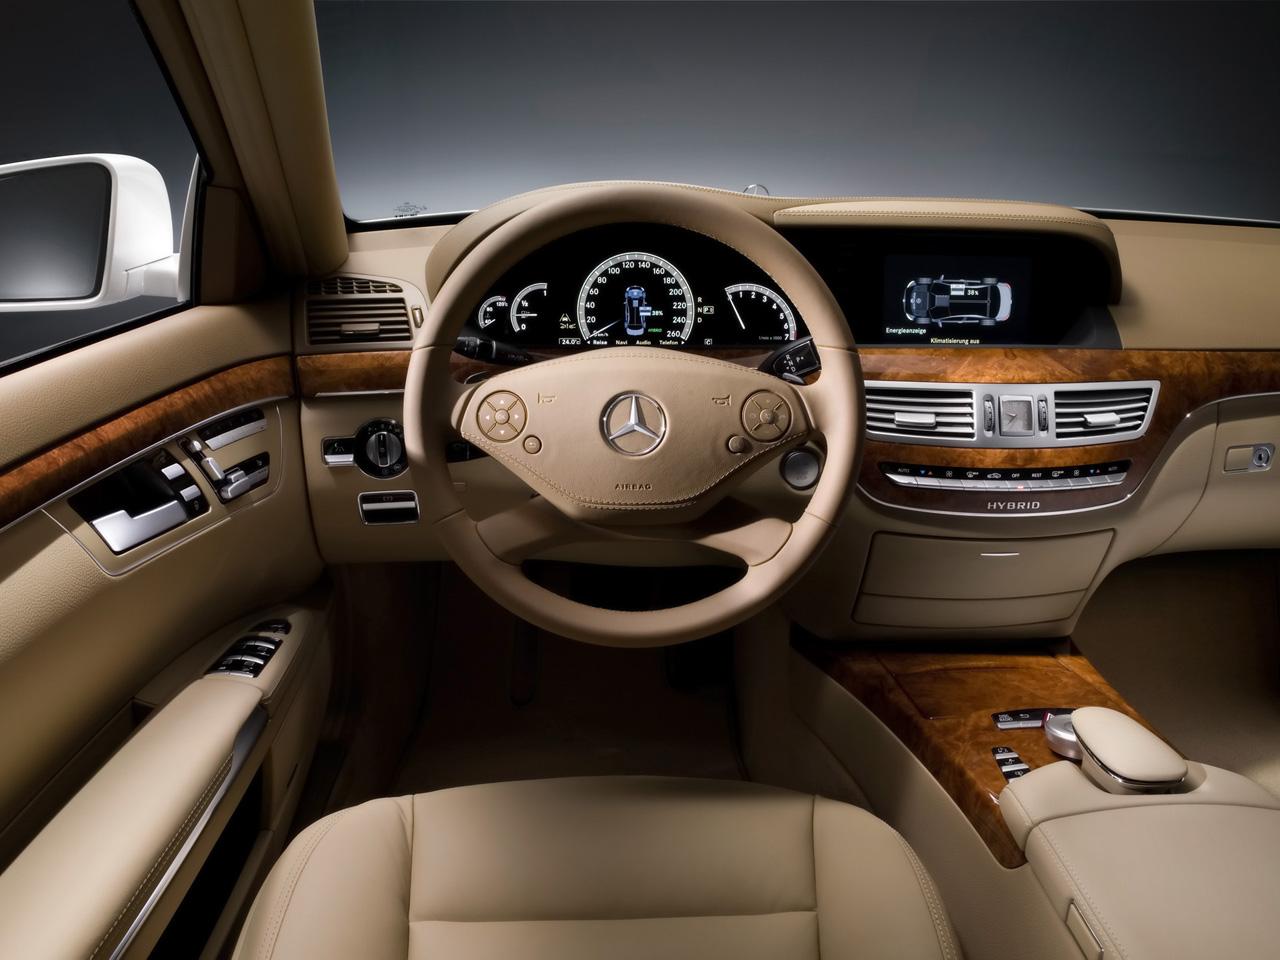 Mercedes-Benz S 320 CDI